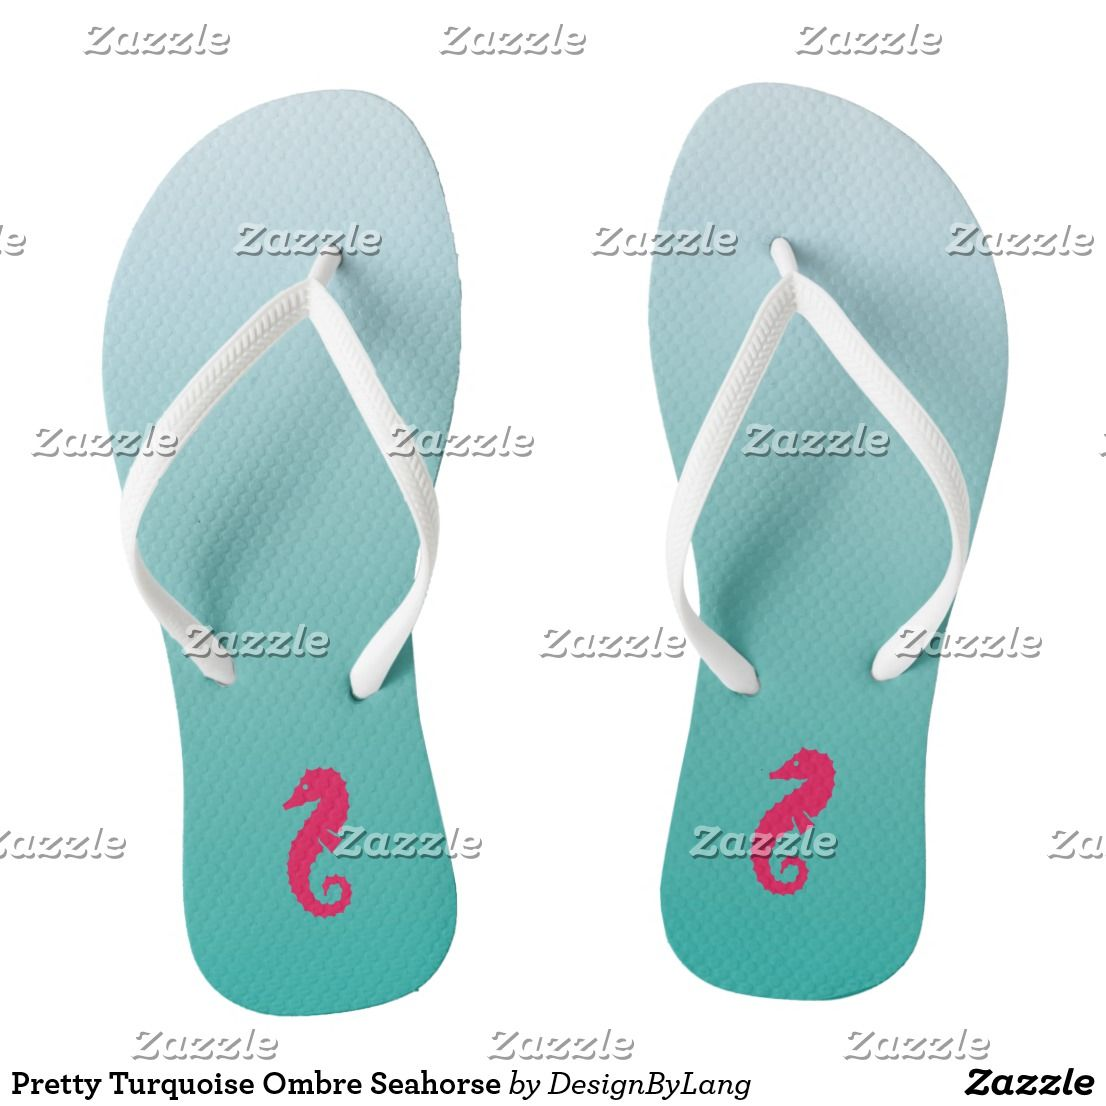 a3e1cfcac4ba2a Pretty Turquoise Ombre Seahorse Flip Flops